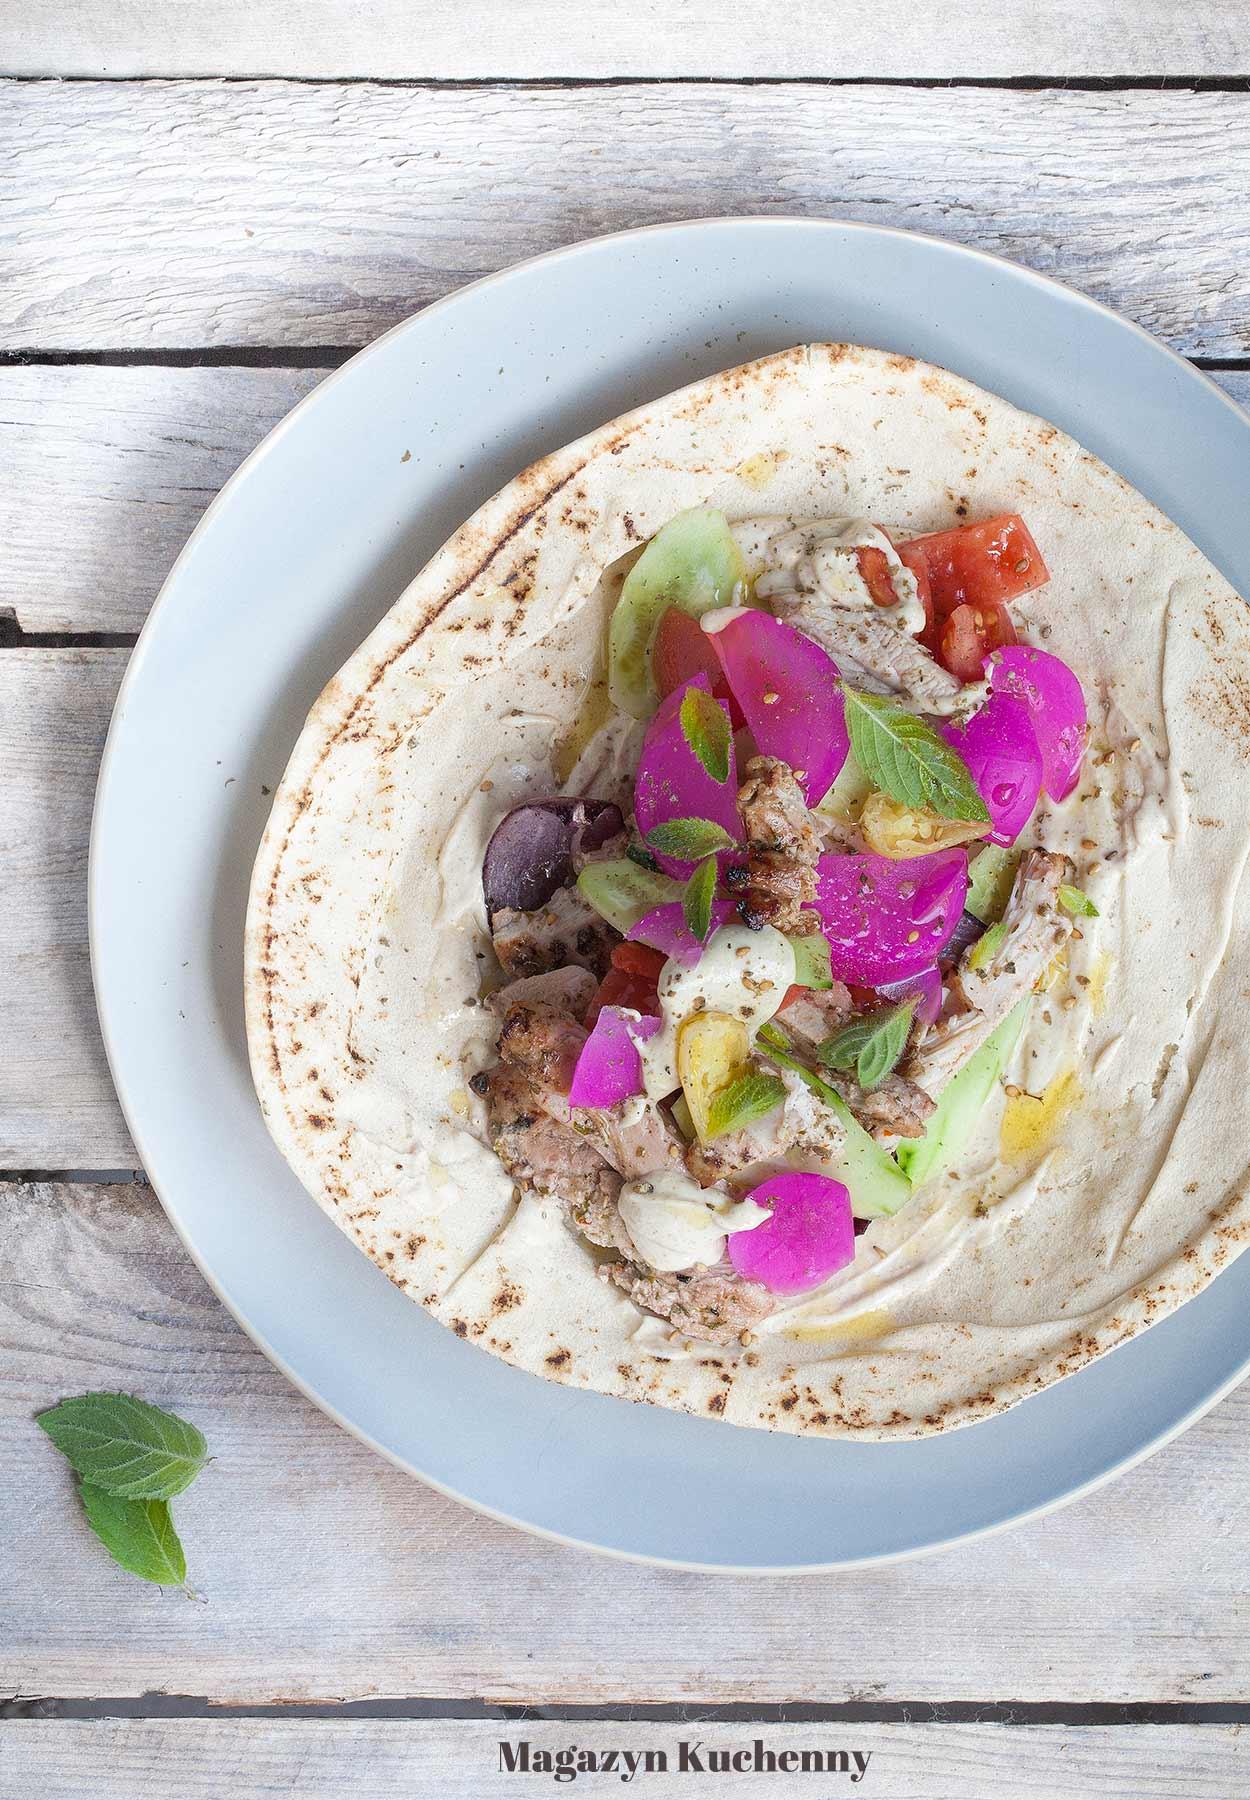 Shoarma z kurczaka z sosem tahini i marynowaną rzodkwią. Pieczona lub grillowana shawarma z kurczaka.